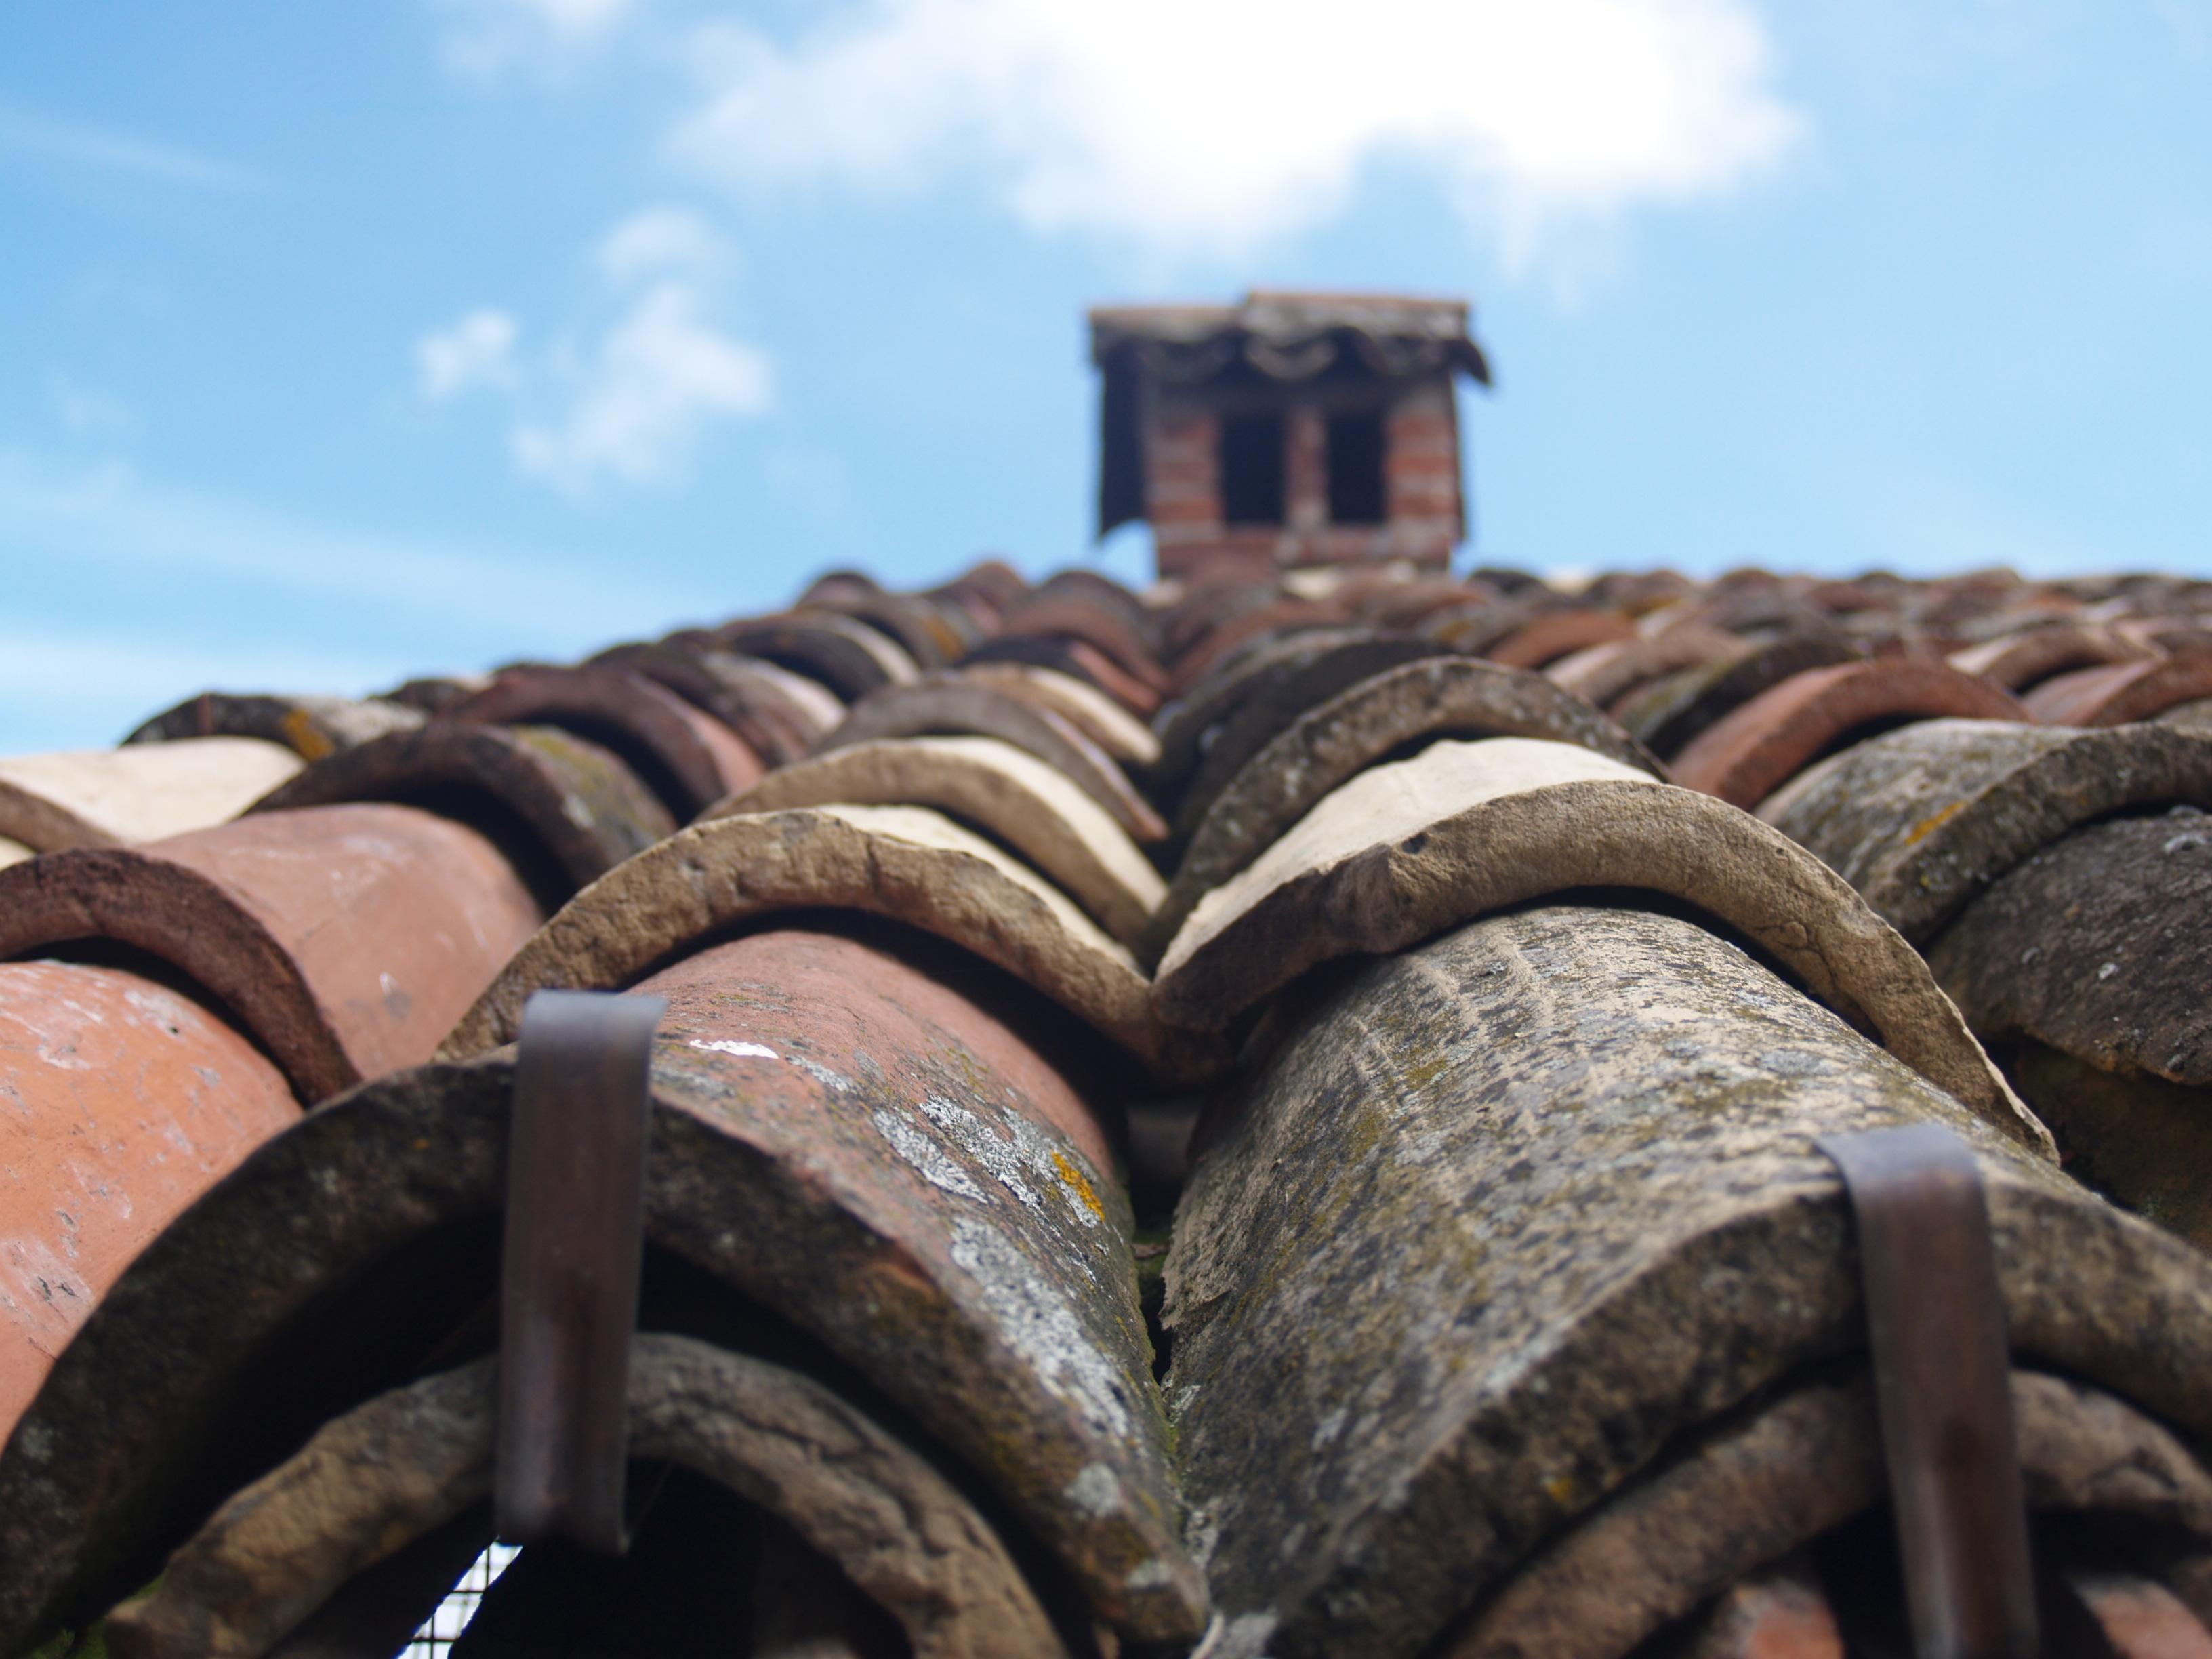 Serralunga D'Alba Terracotta Tile